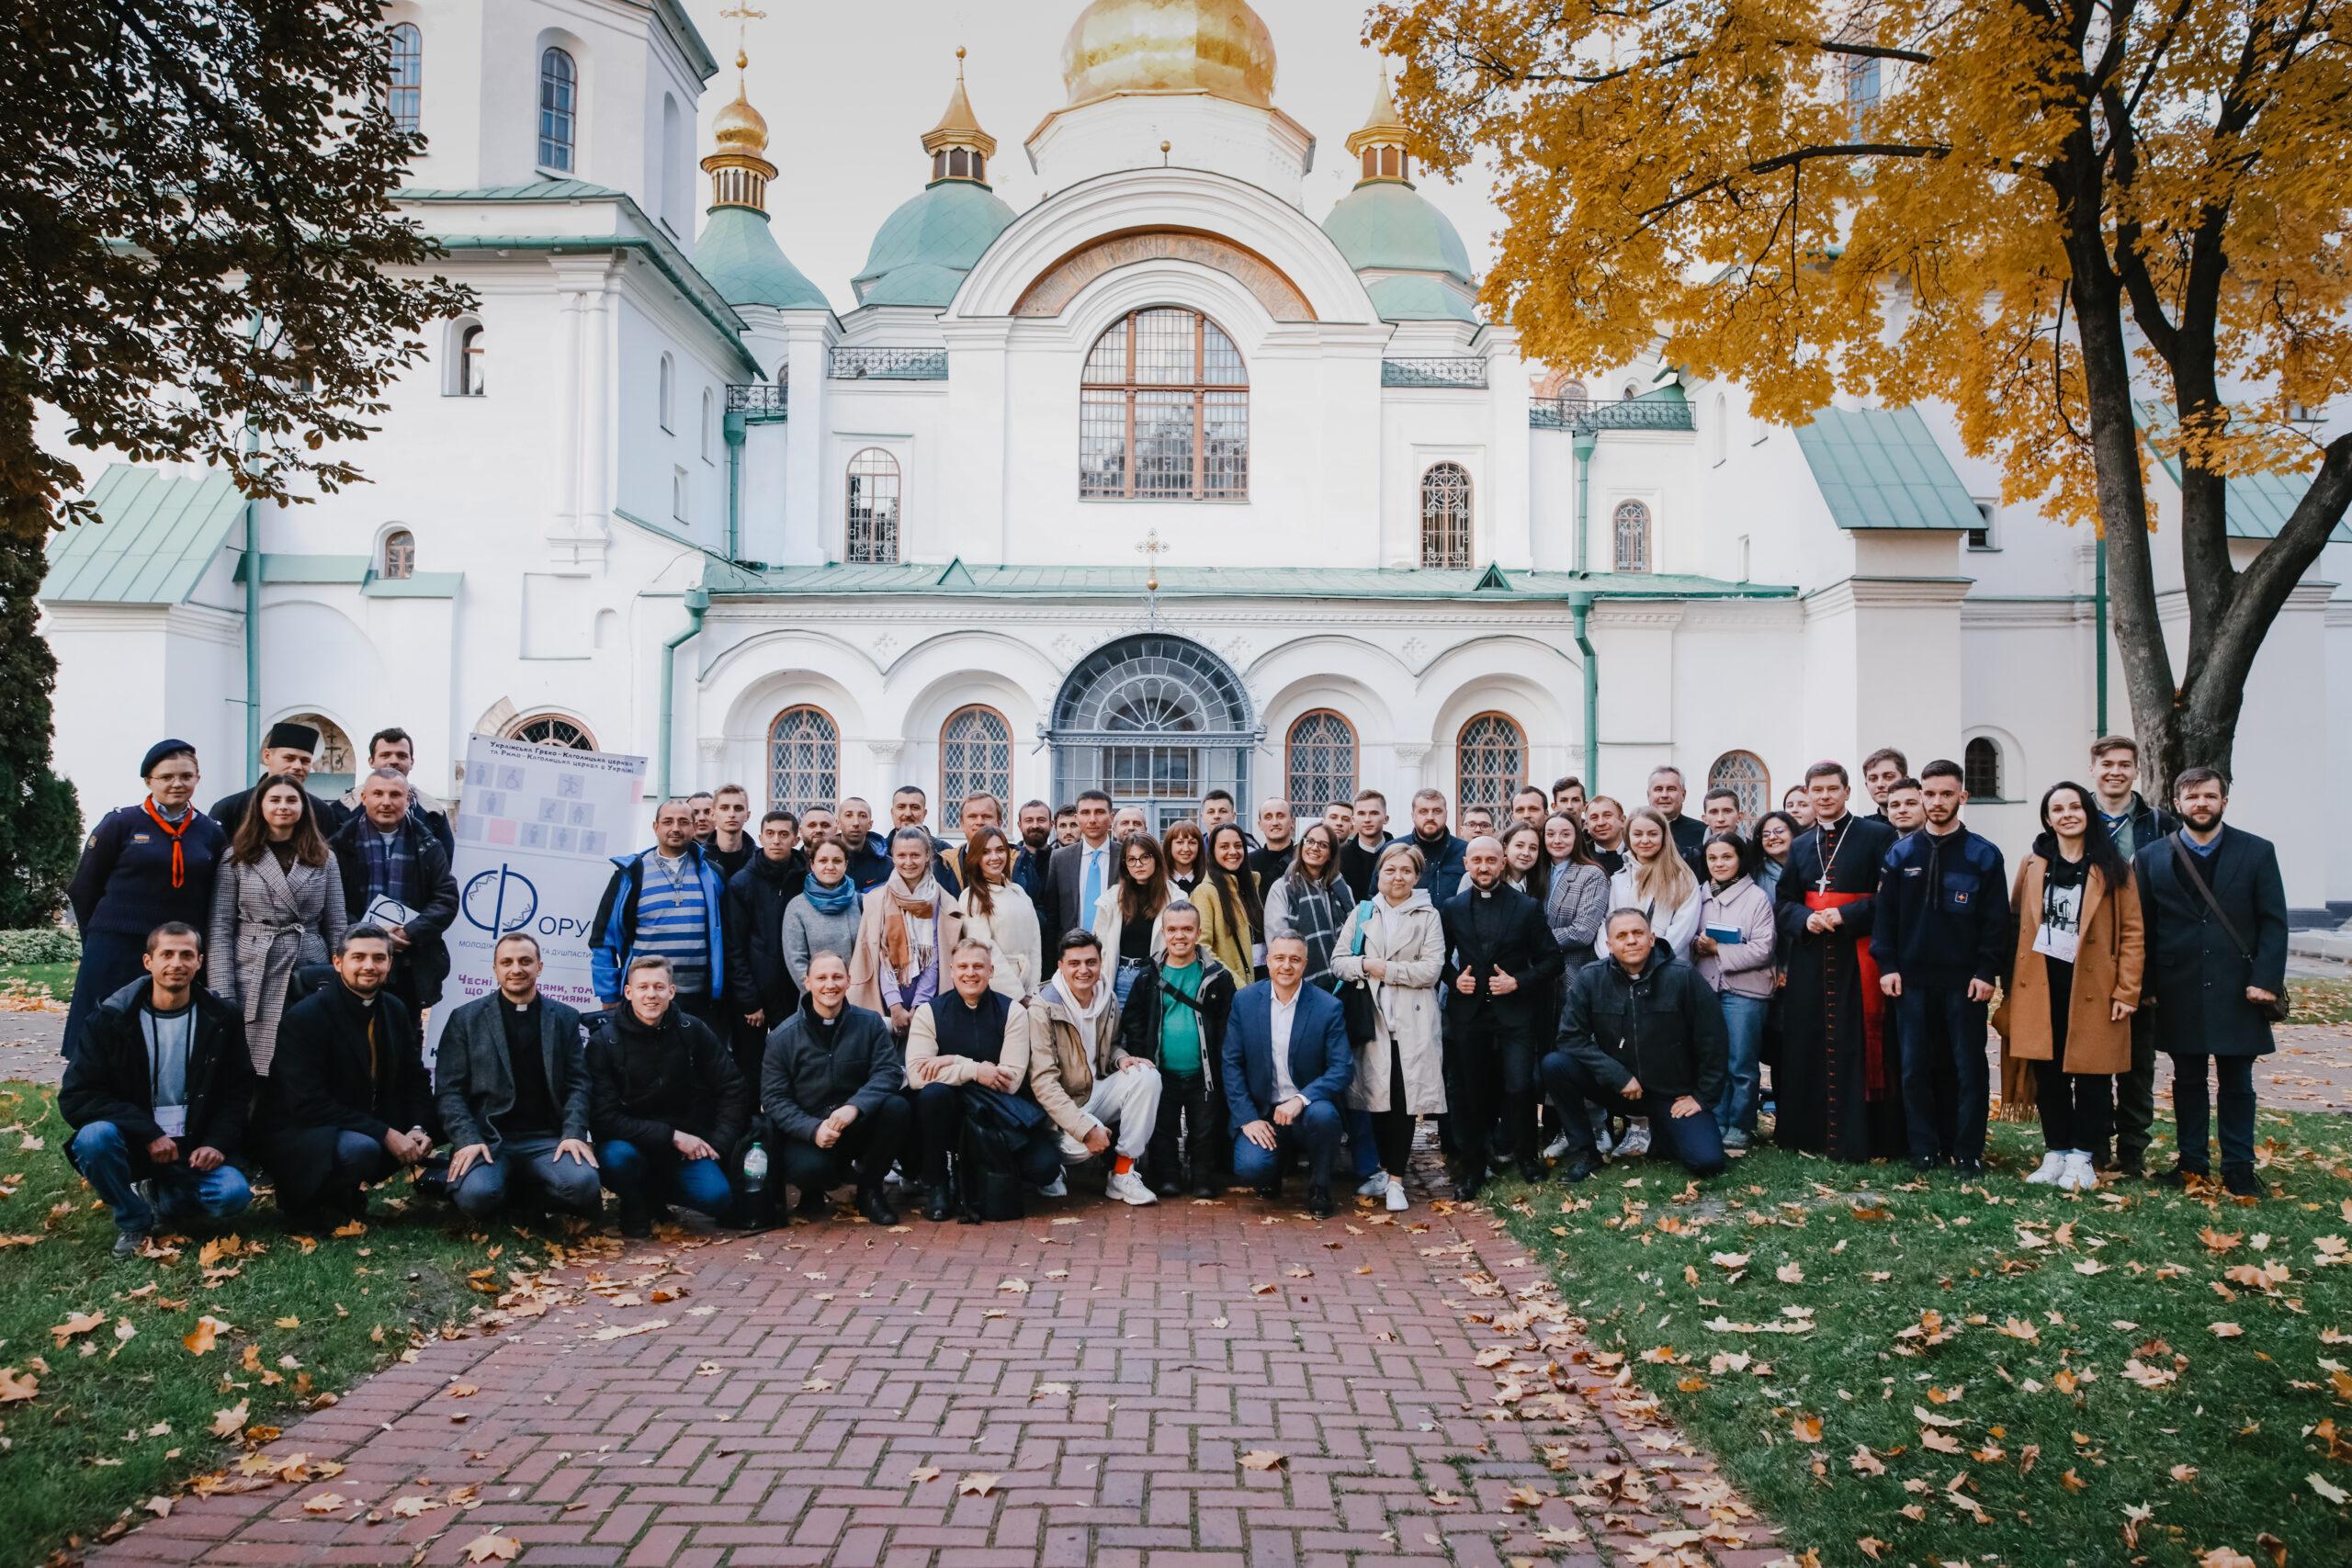 Чесні громадяни, тому що добрі християни. ІIІ Всеукраїнський форум молодіжних лідерів та душпастирів УГКЦ та РКЦ. День І